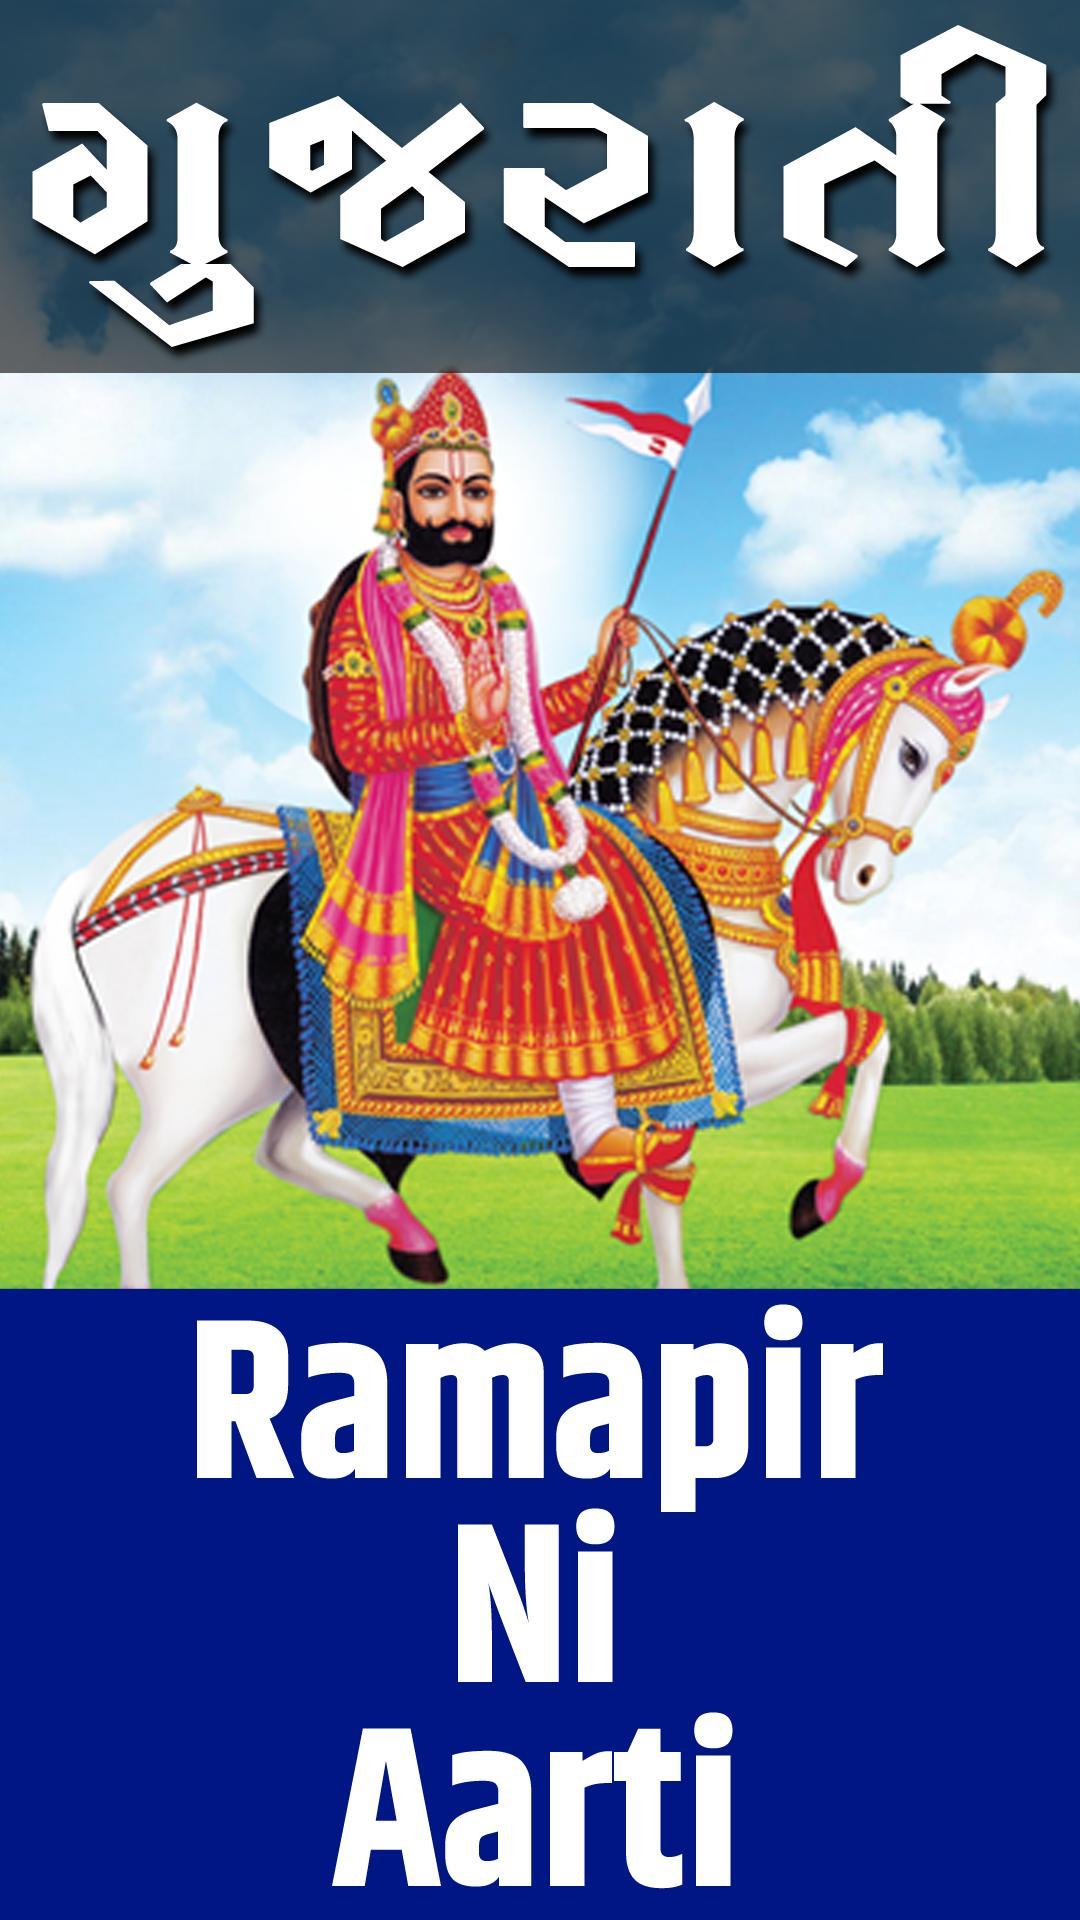 Ramapir ni aarti - Gujarati Bhajan for Android - APK Download